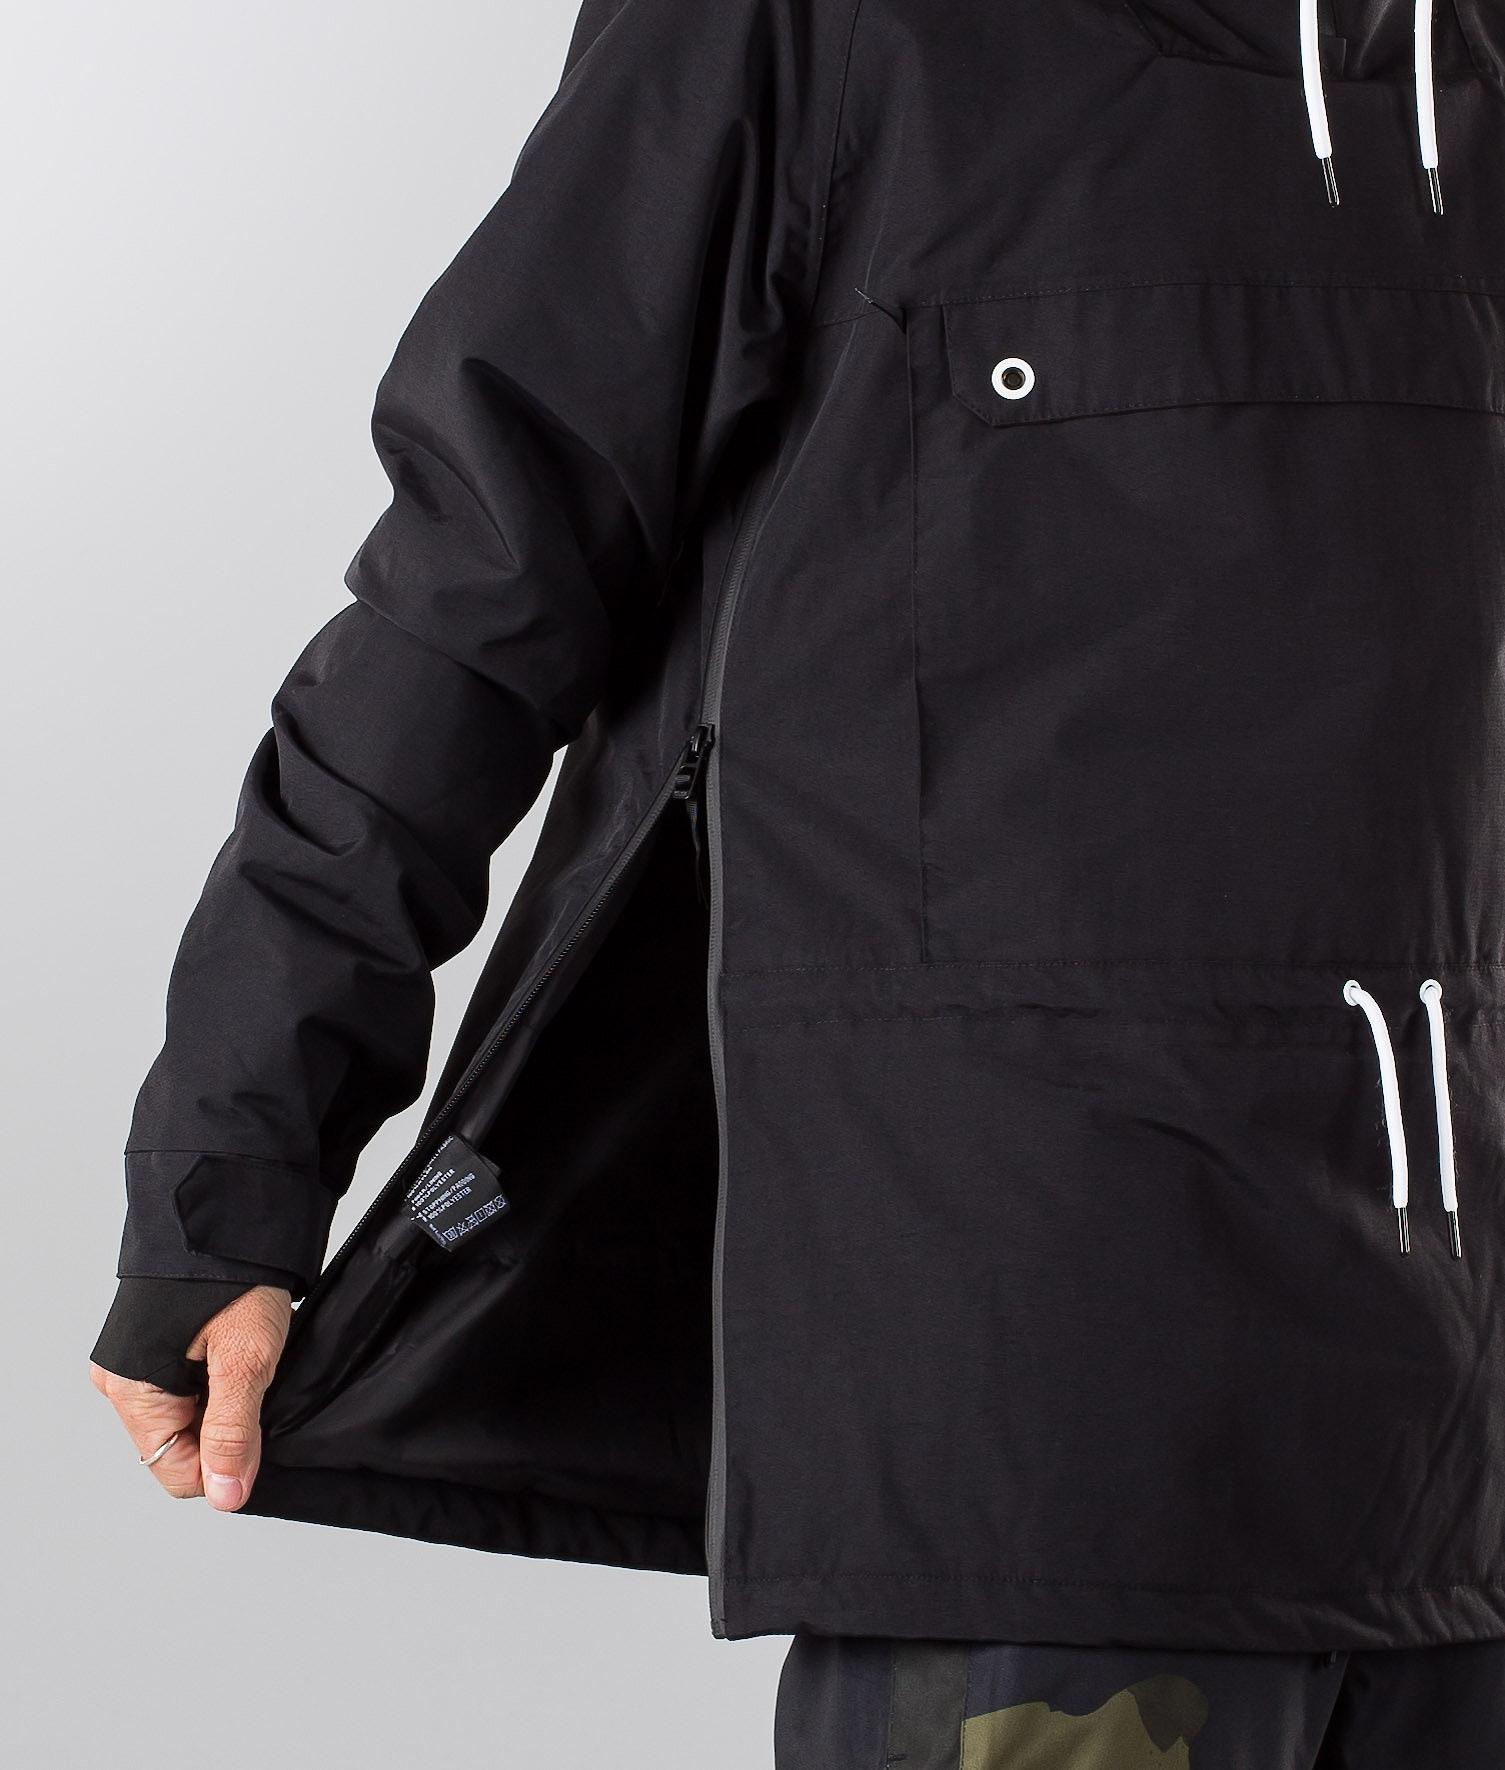 e85154e9c Dope Annok Ski Jacket Black - Ridestore.com